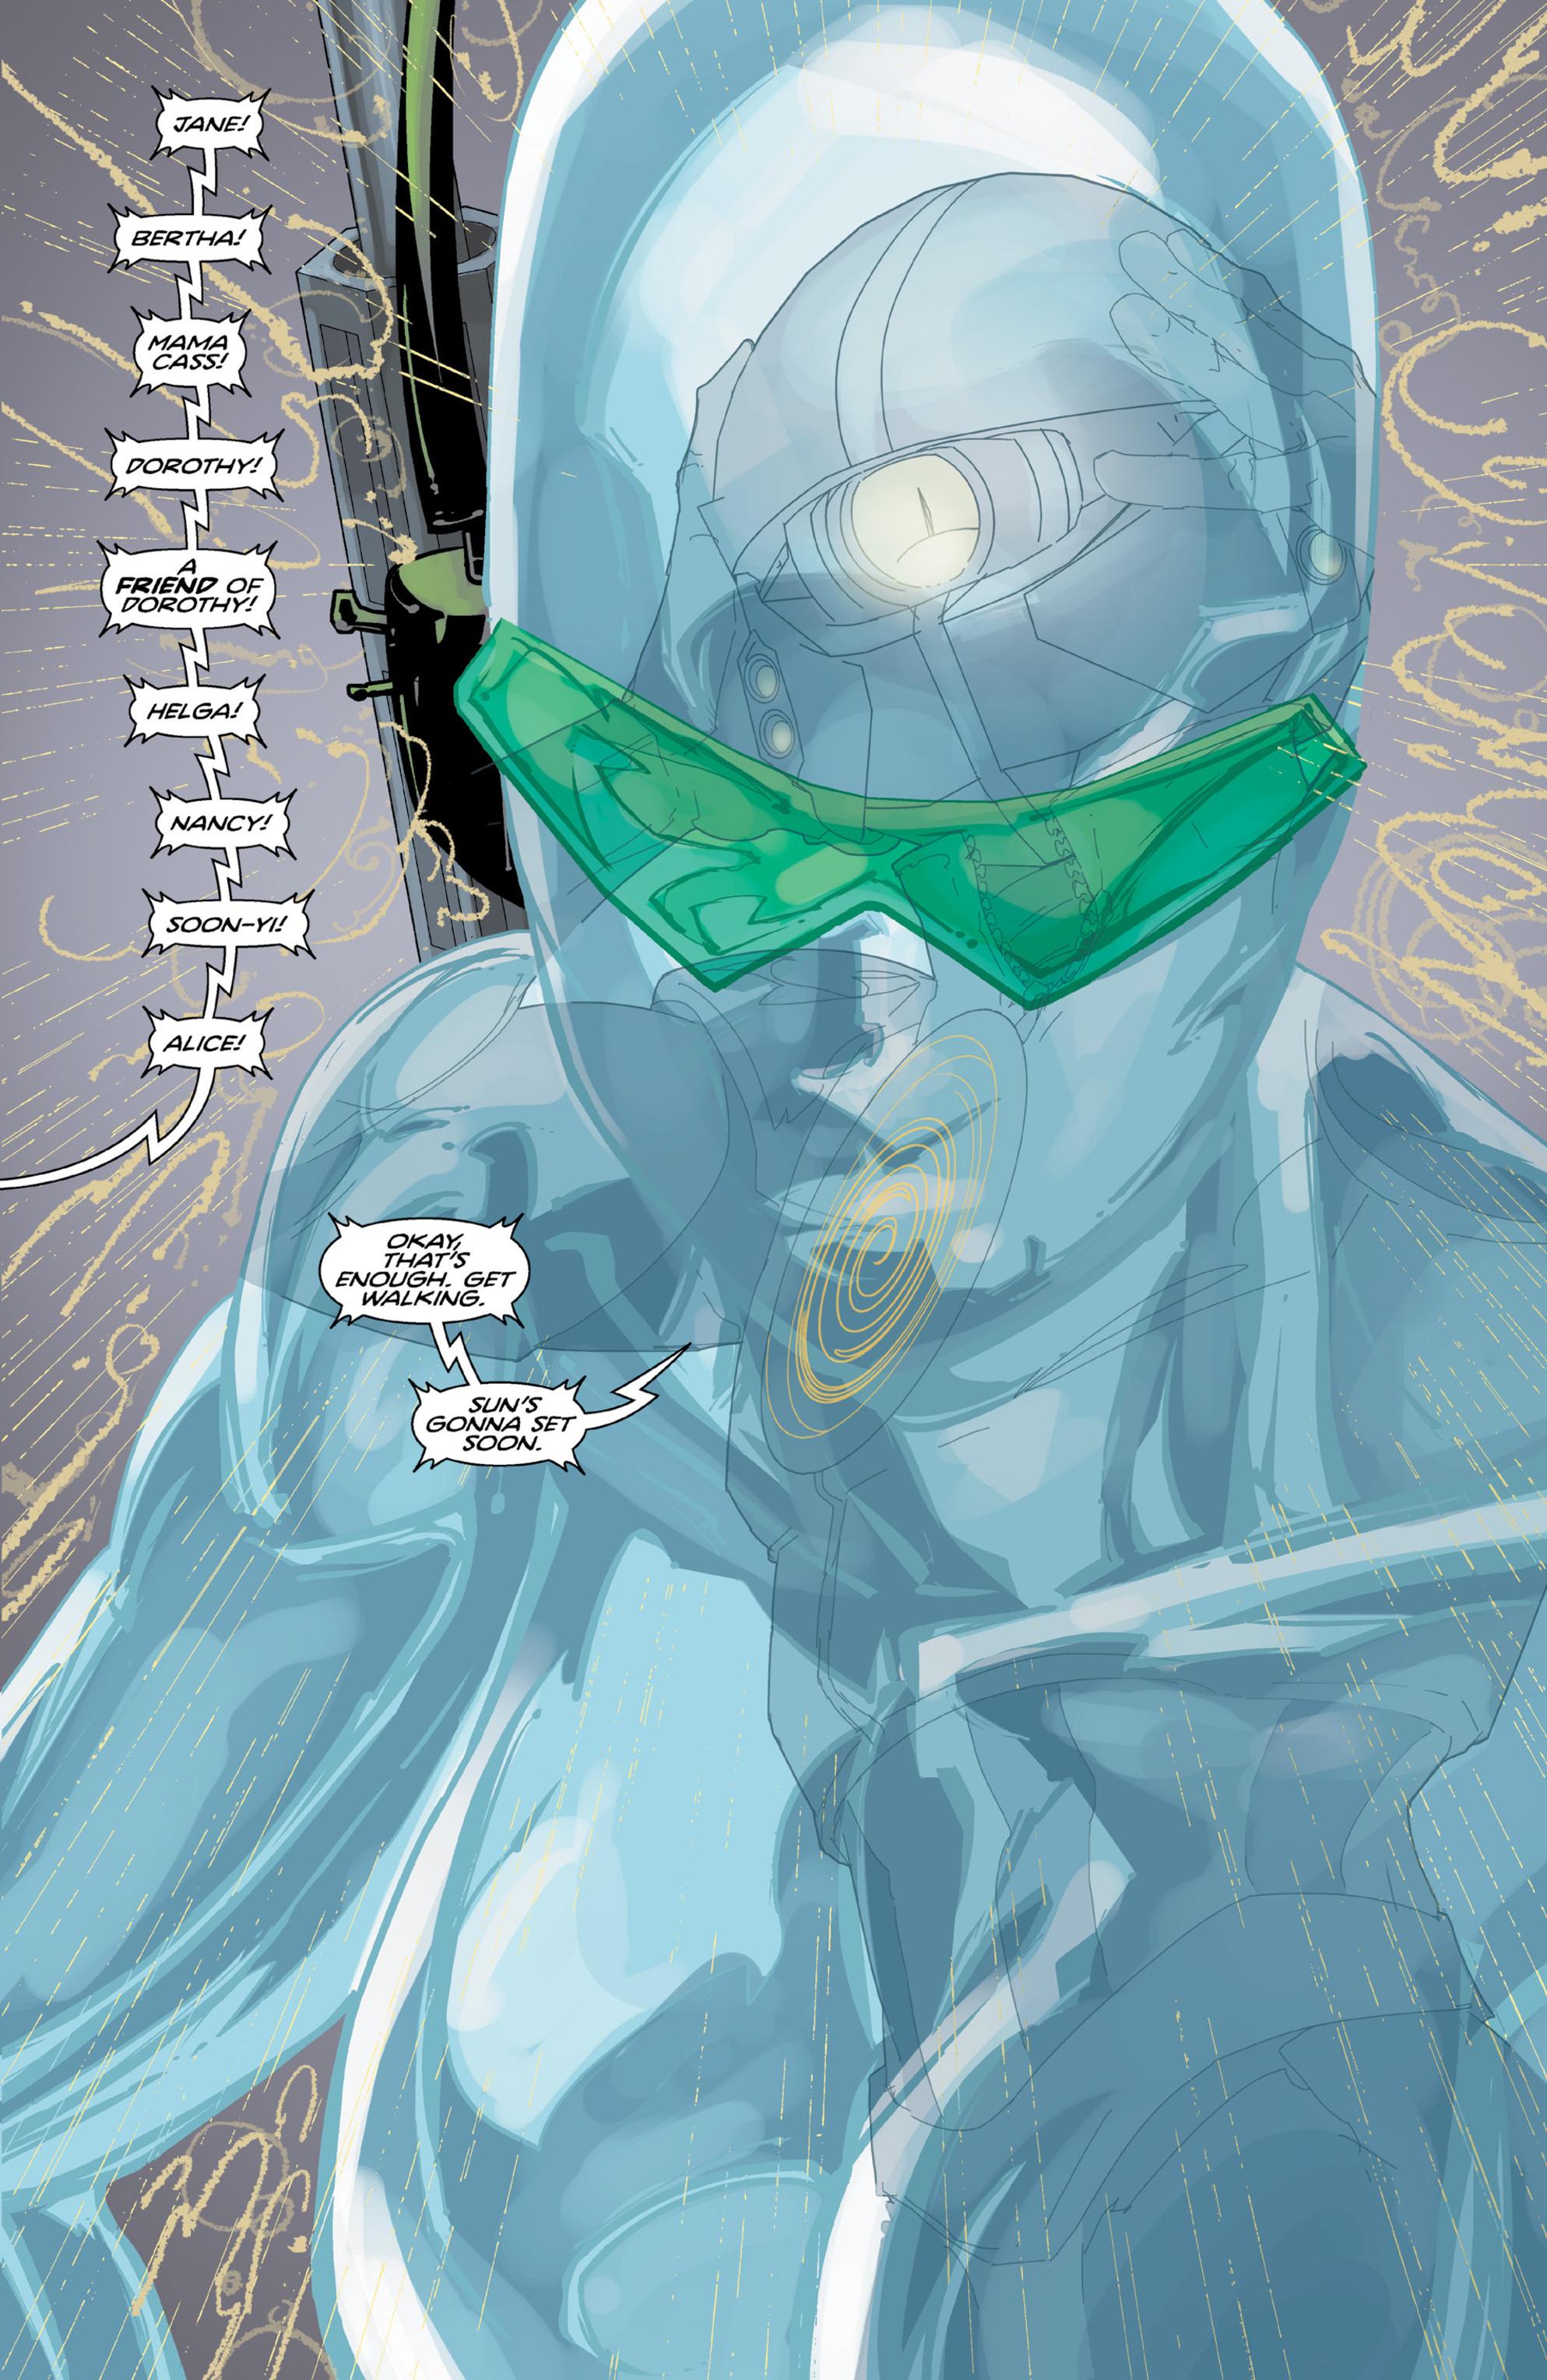 Read online Brain Boy:  The Men from G.E.S.T.A.L.T. comic -  Issue # TPB - 44